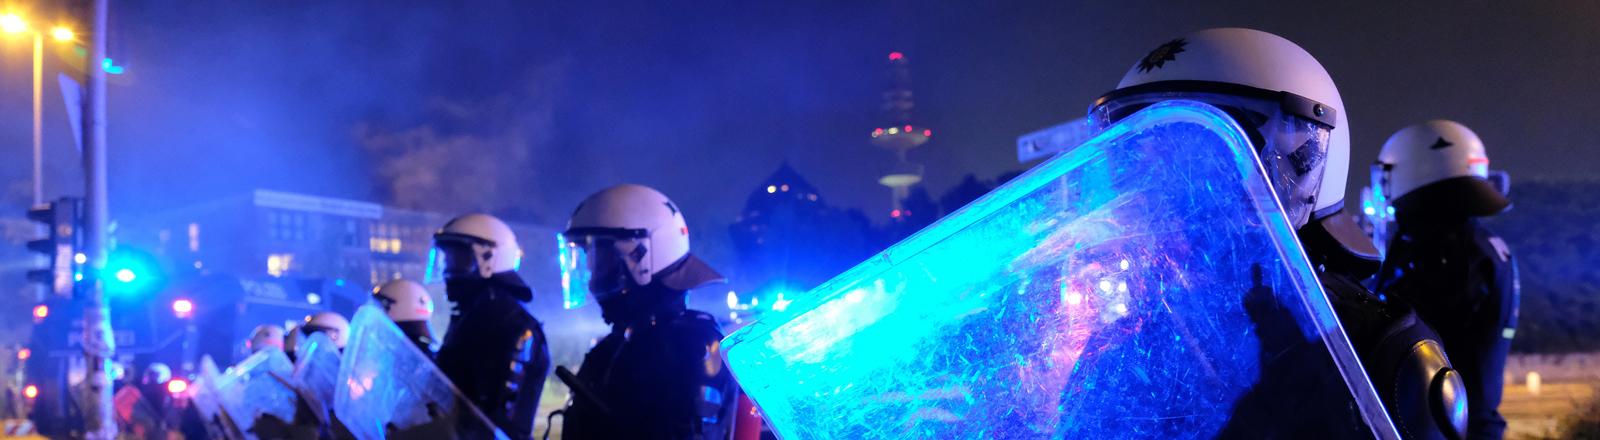 Polizisten schützen sich beim G20-Gipfel.